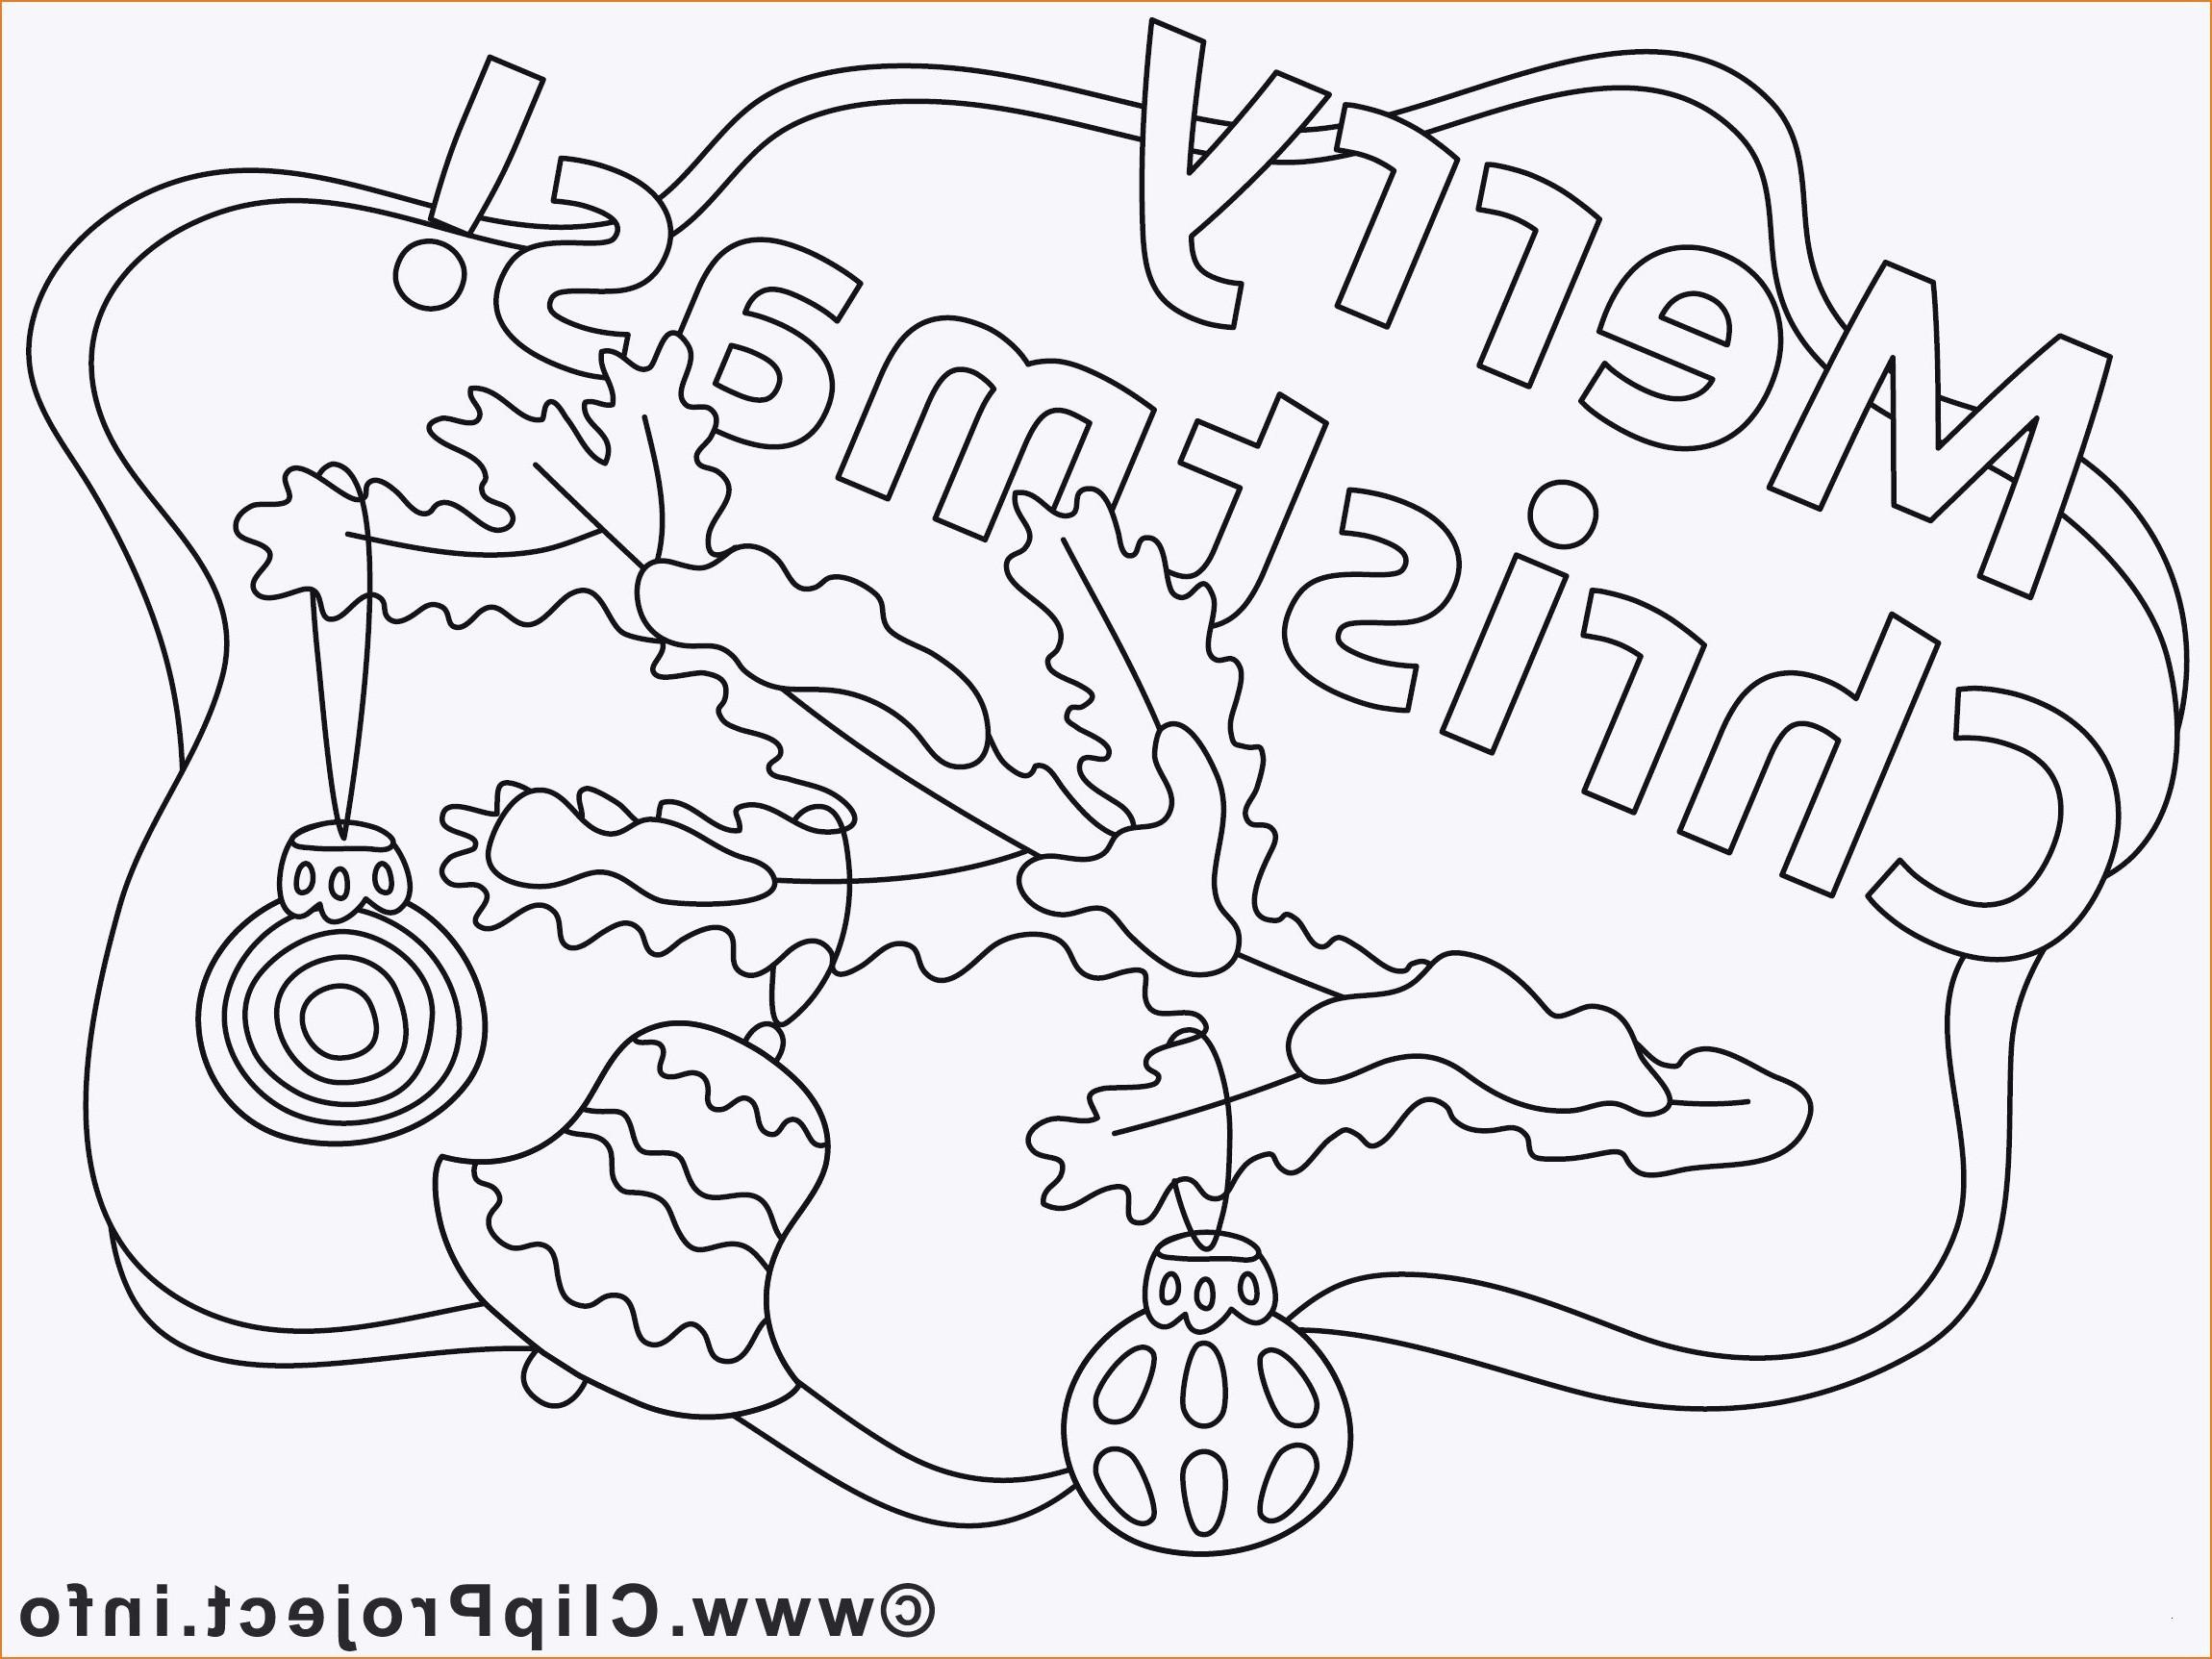 Halloween Ausmalbilder Spinne Inspirierend 28 Inspirierend Pokal Malvorlage – Malvorlagen Ideen Bilder